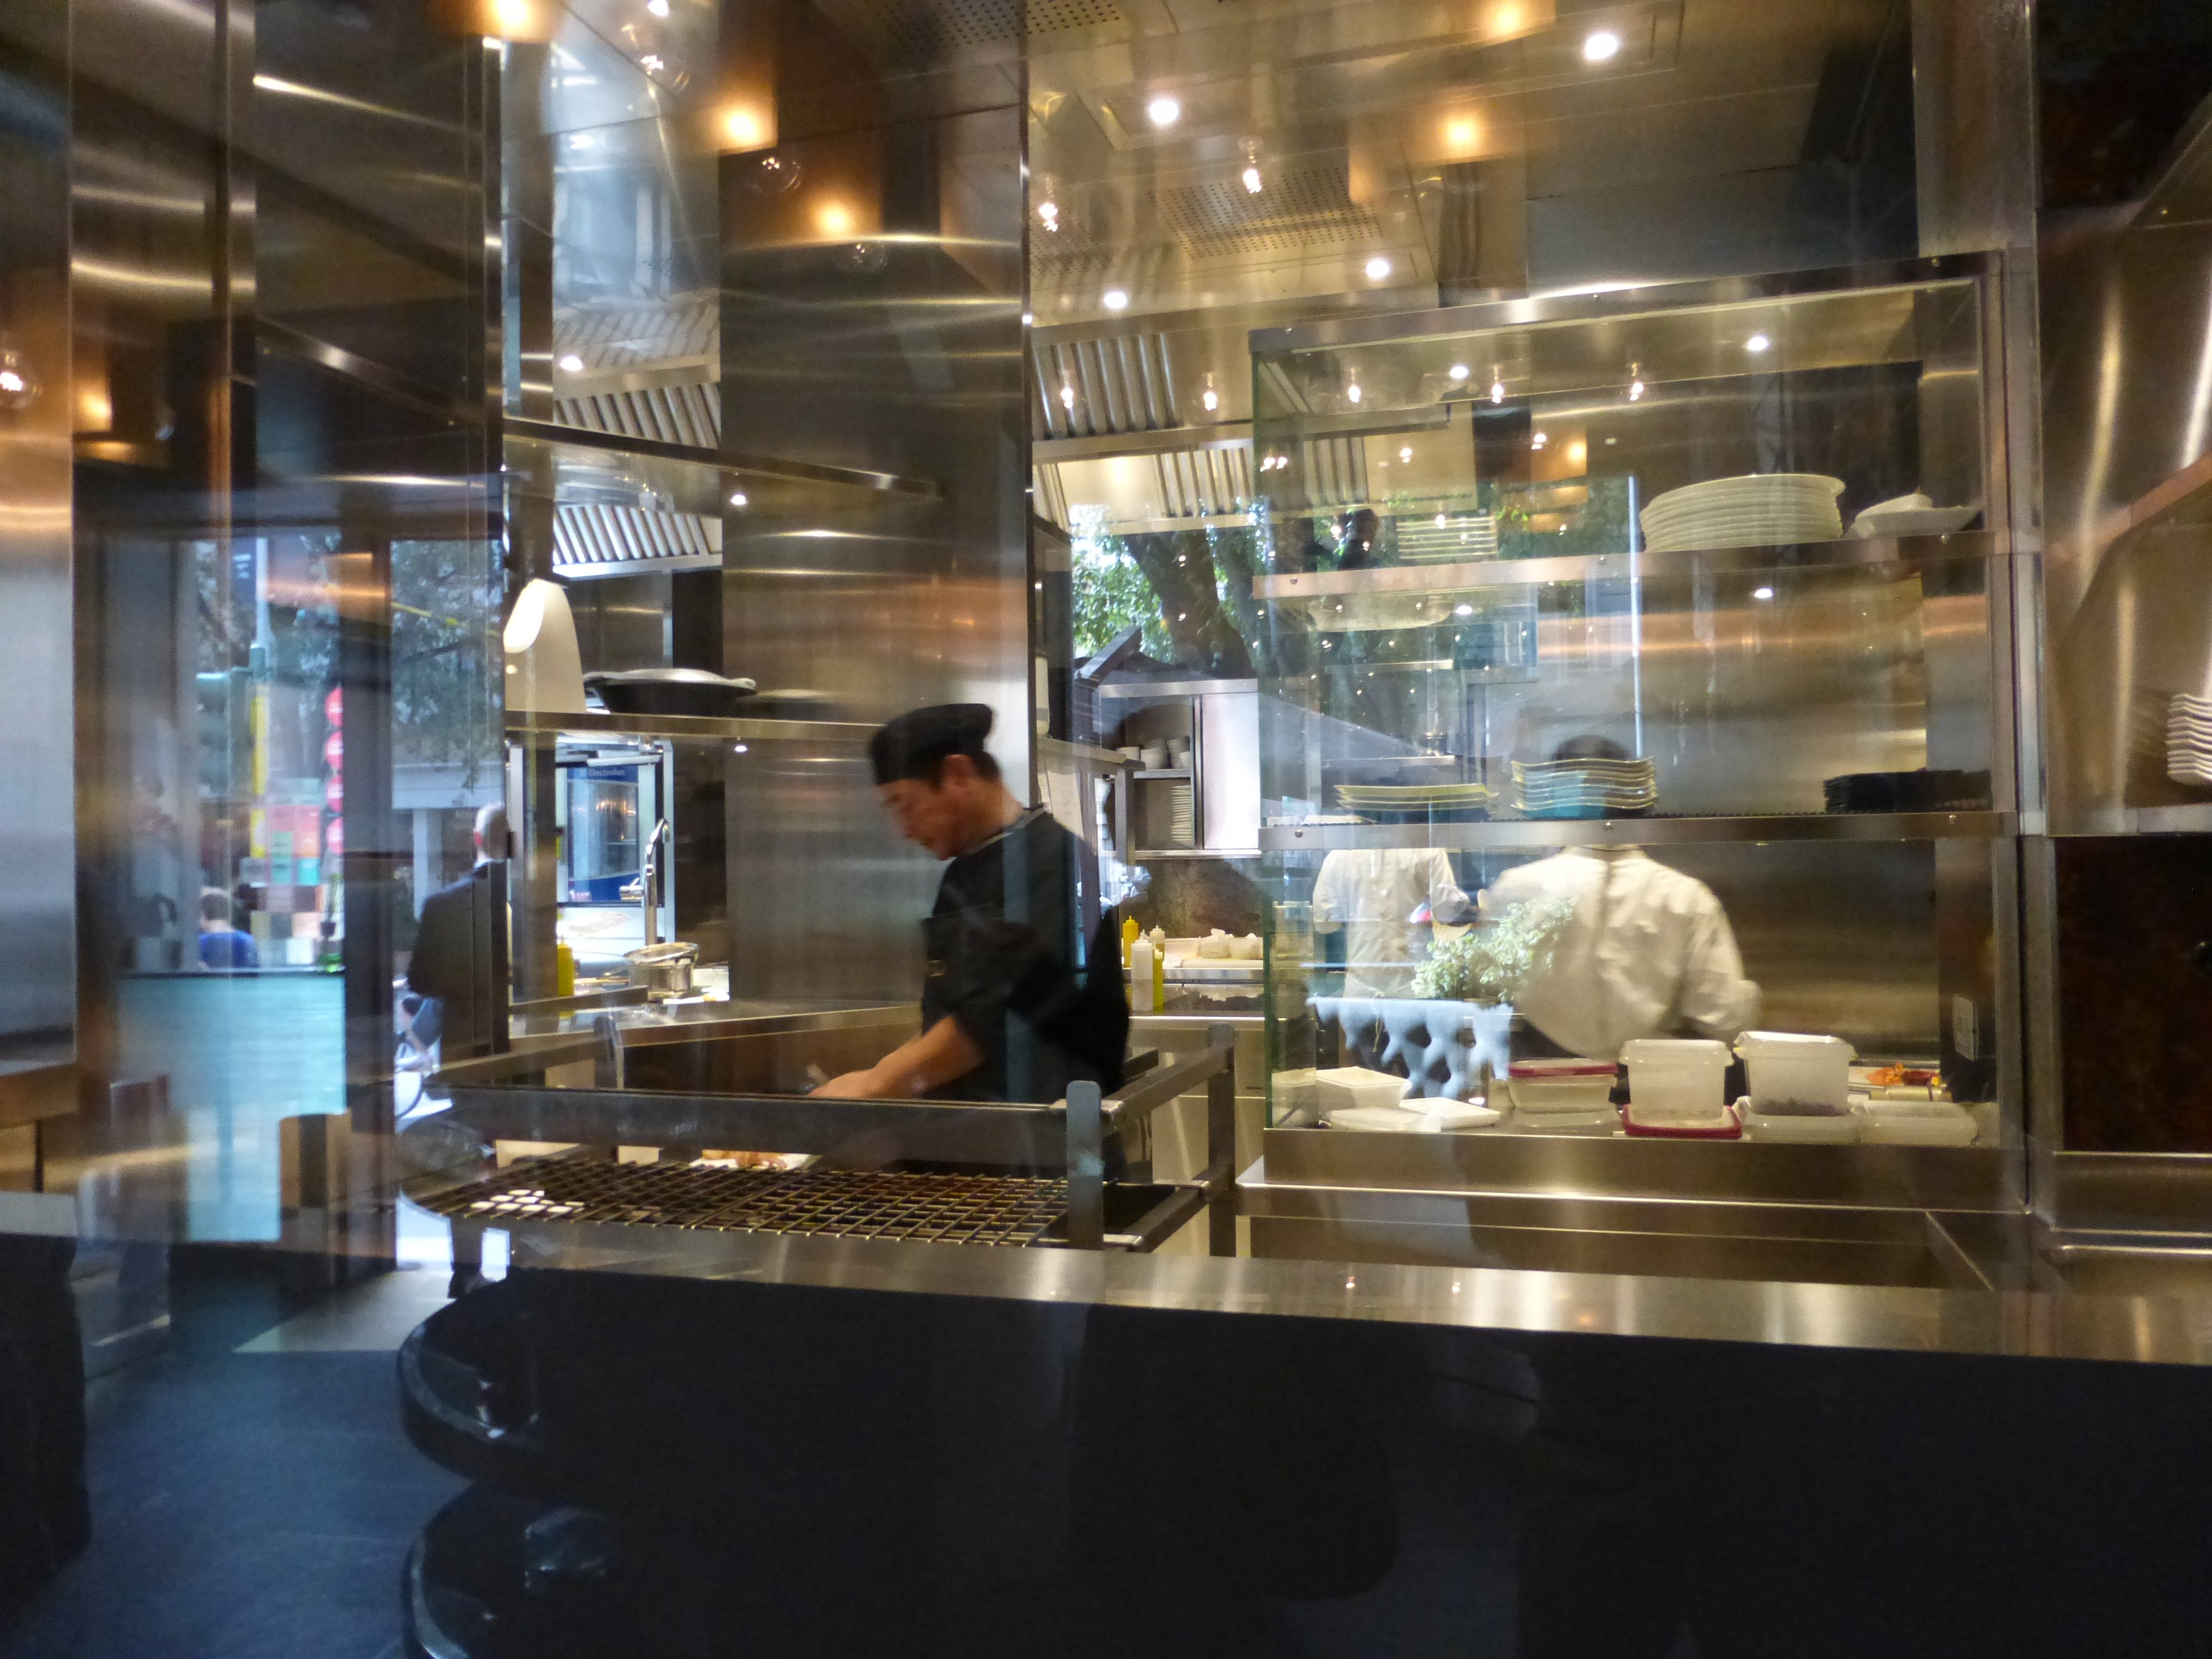 Cucine moderne professionale - Cucina americana roma ...